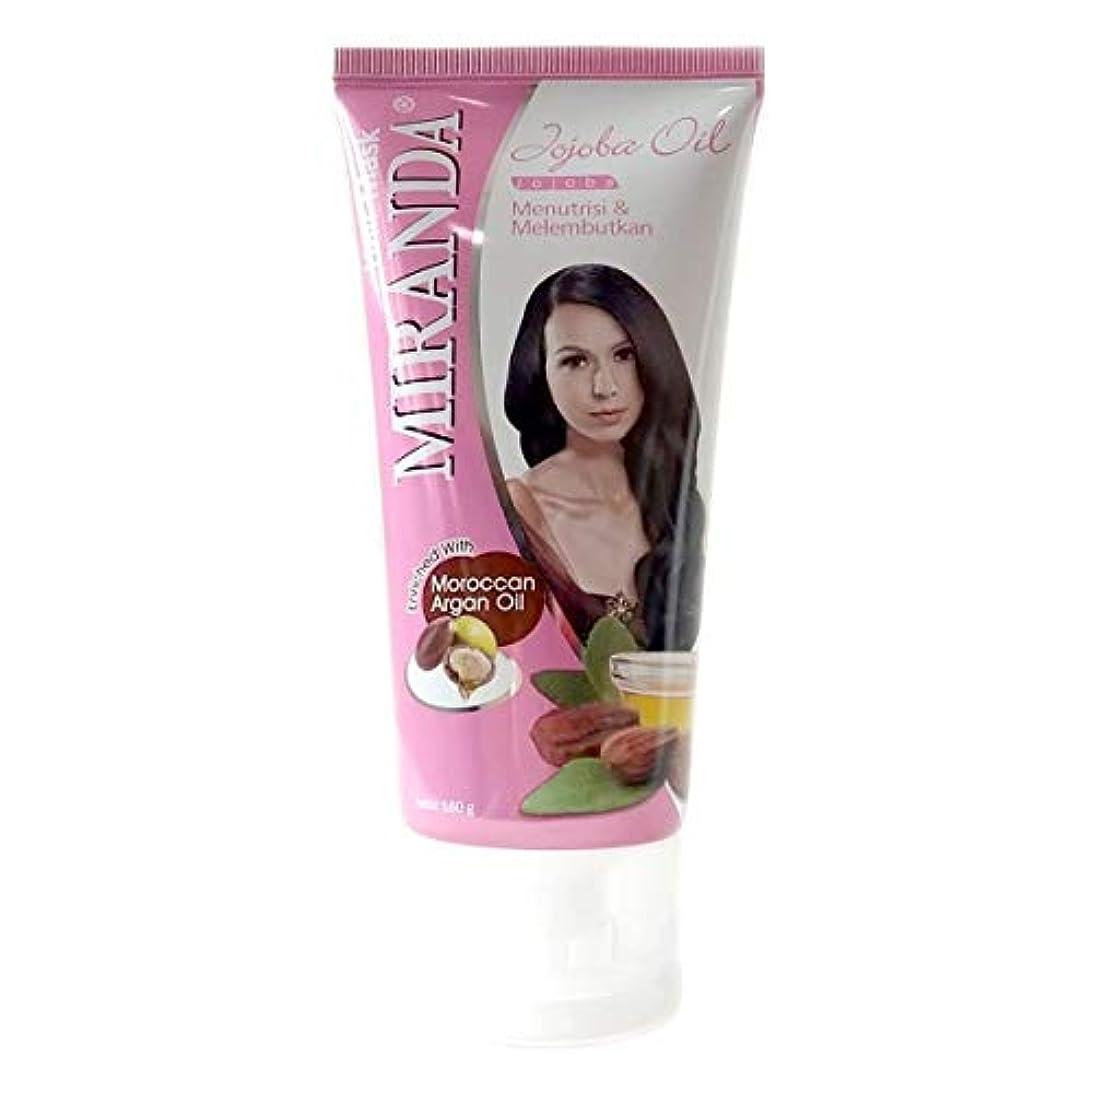 ジャーナリスト乳寓話MIRANDA ミランダ Hair Mask ヘアマスク モロッカンアルガンオイル主成分のヘアトリートメント 160g Jojoba oil ホホバオイル [海外直送品]